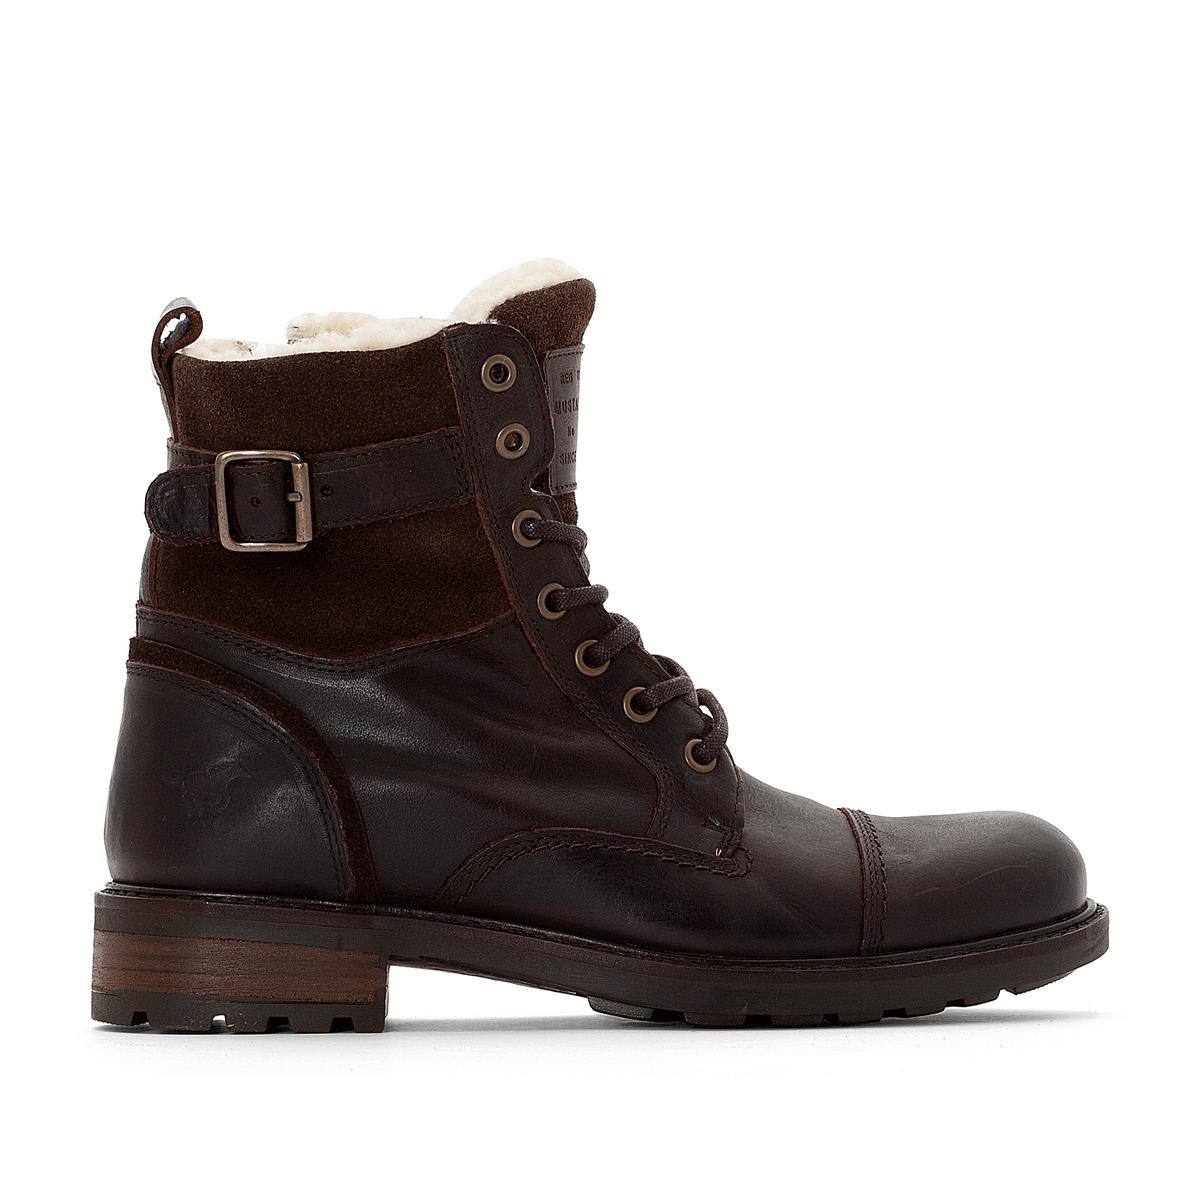 Ботинки кожаные на меху и шнуровке MUSTANG SHOES